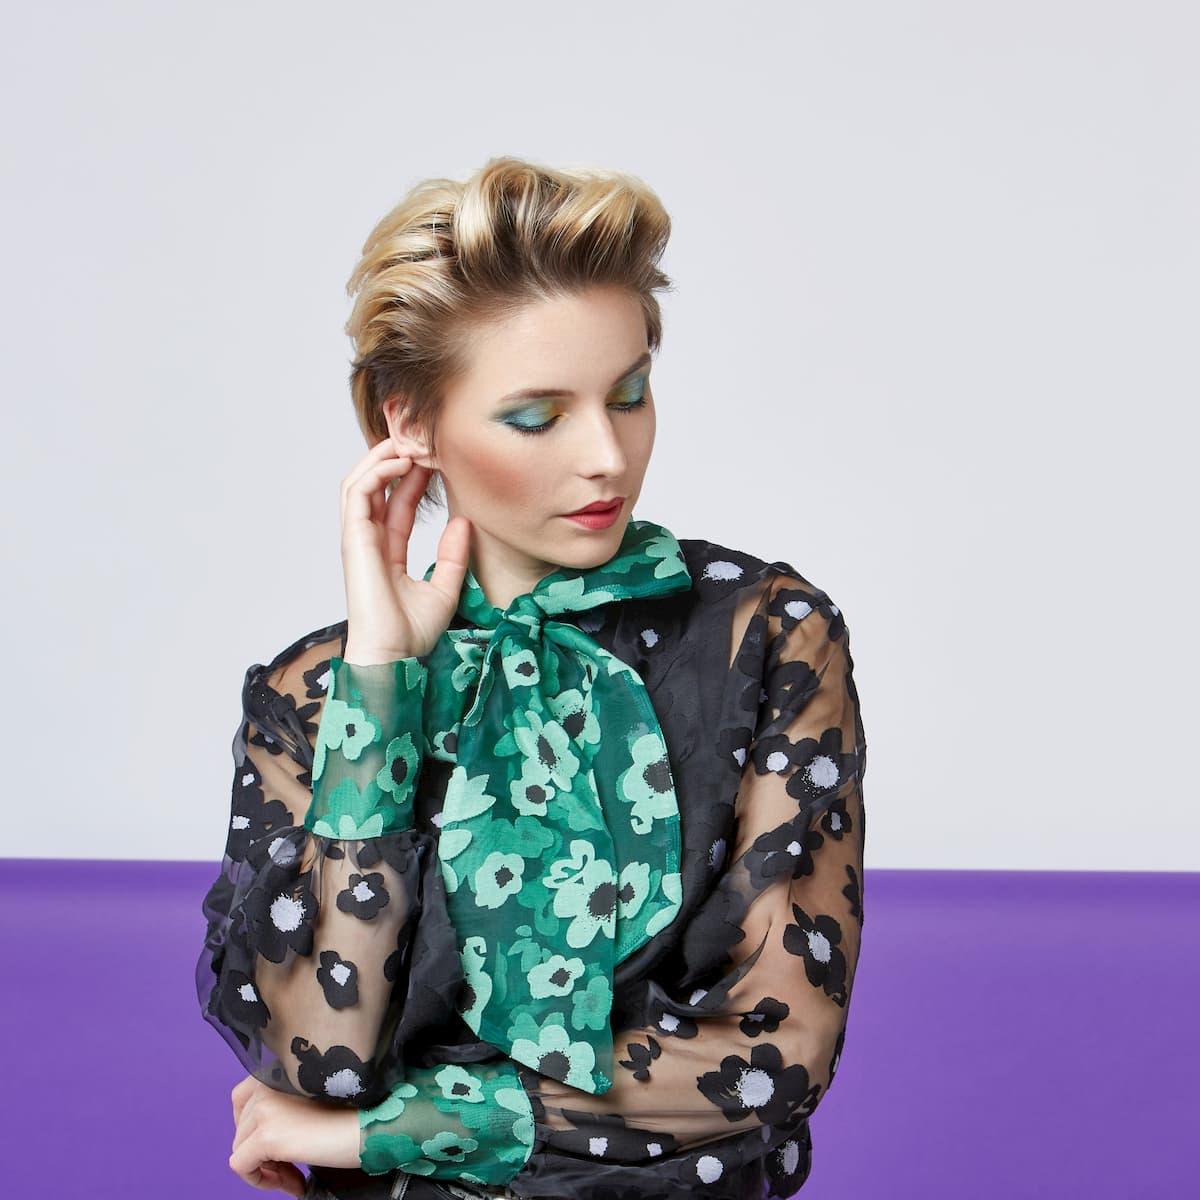 Frisuren 2021 im Winter: Frisuren-Trends für Damen und Herren